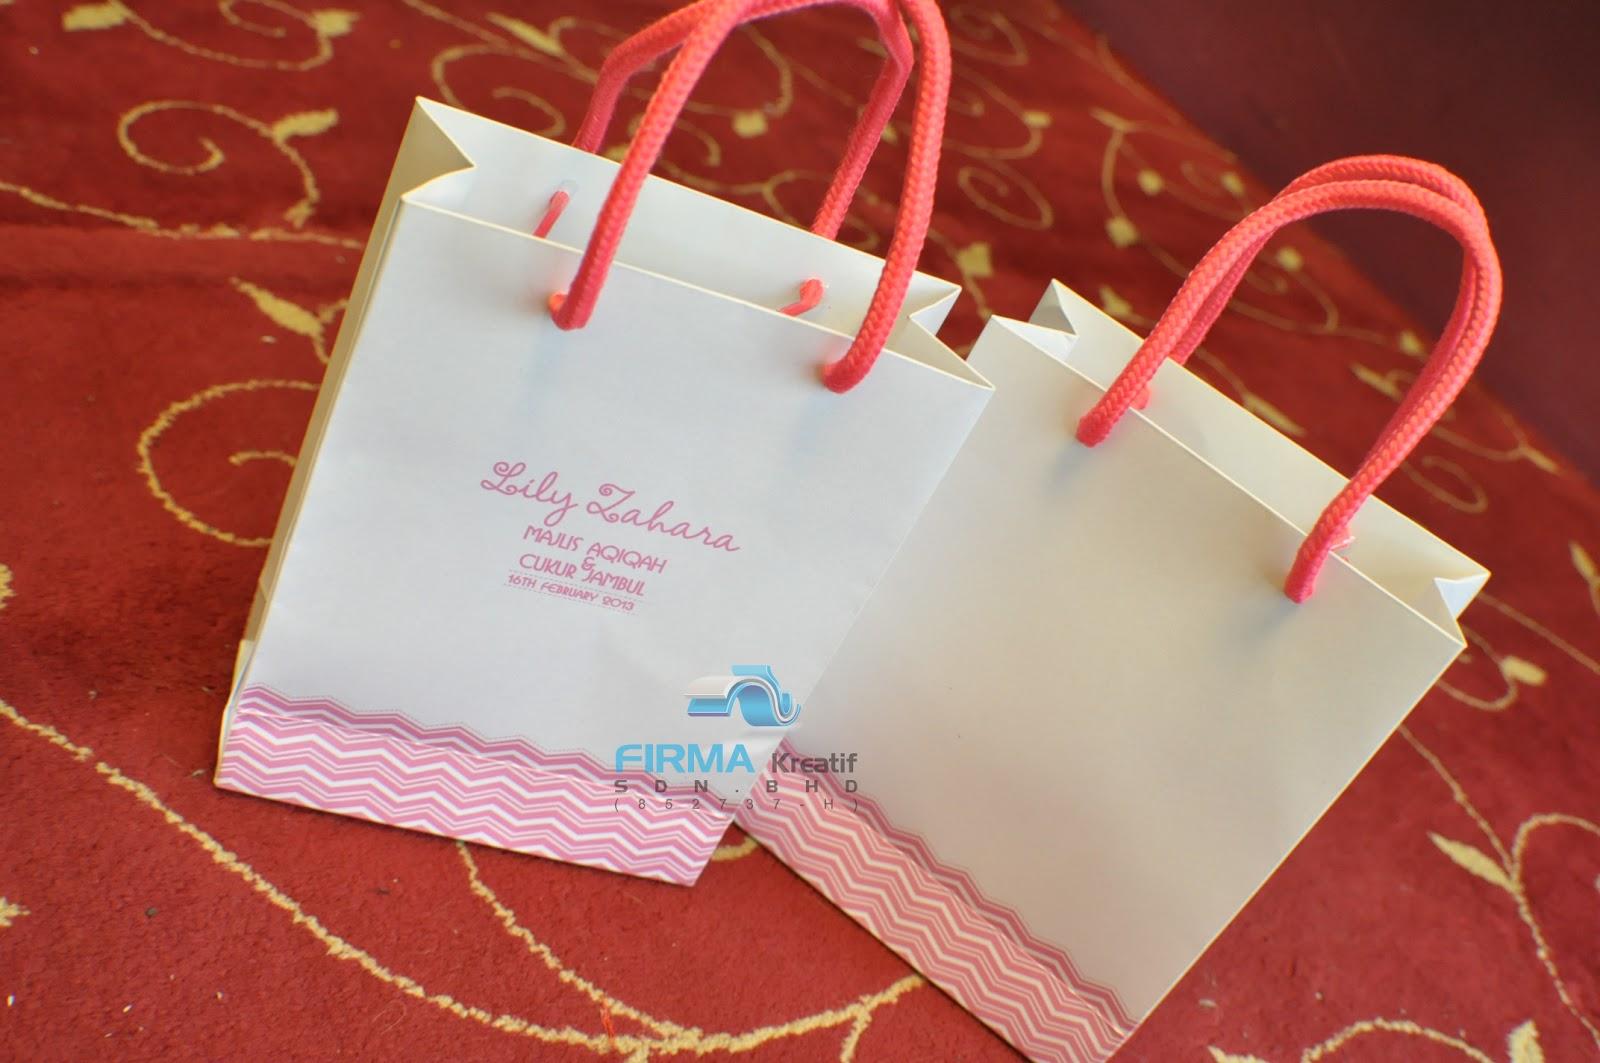 http://1.bp.blogspot.com/-q76nqC6cTnQ/US3Oiaa7oYI/AAAAAAAABhA/Vbo7VSazHd0/s1600/Paperbag+-+Aqiqah+Lily+Zahra+2.JPG